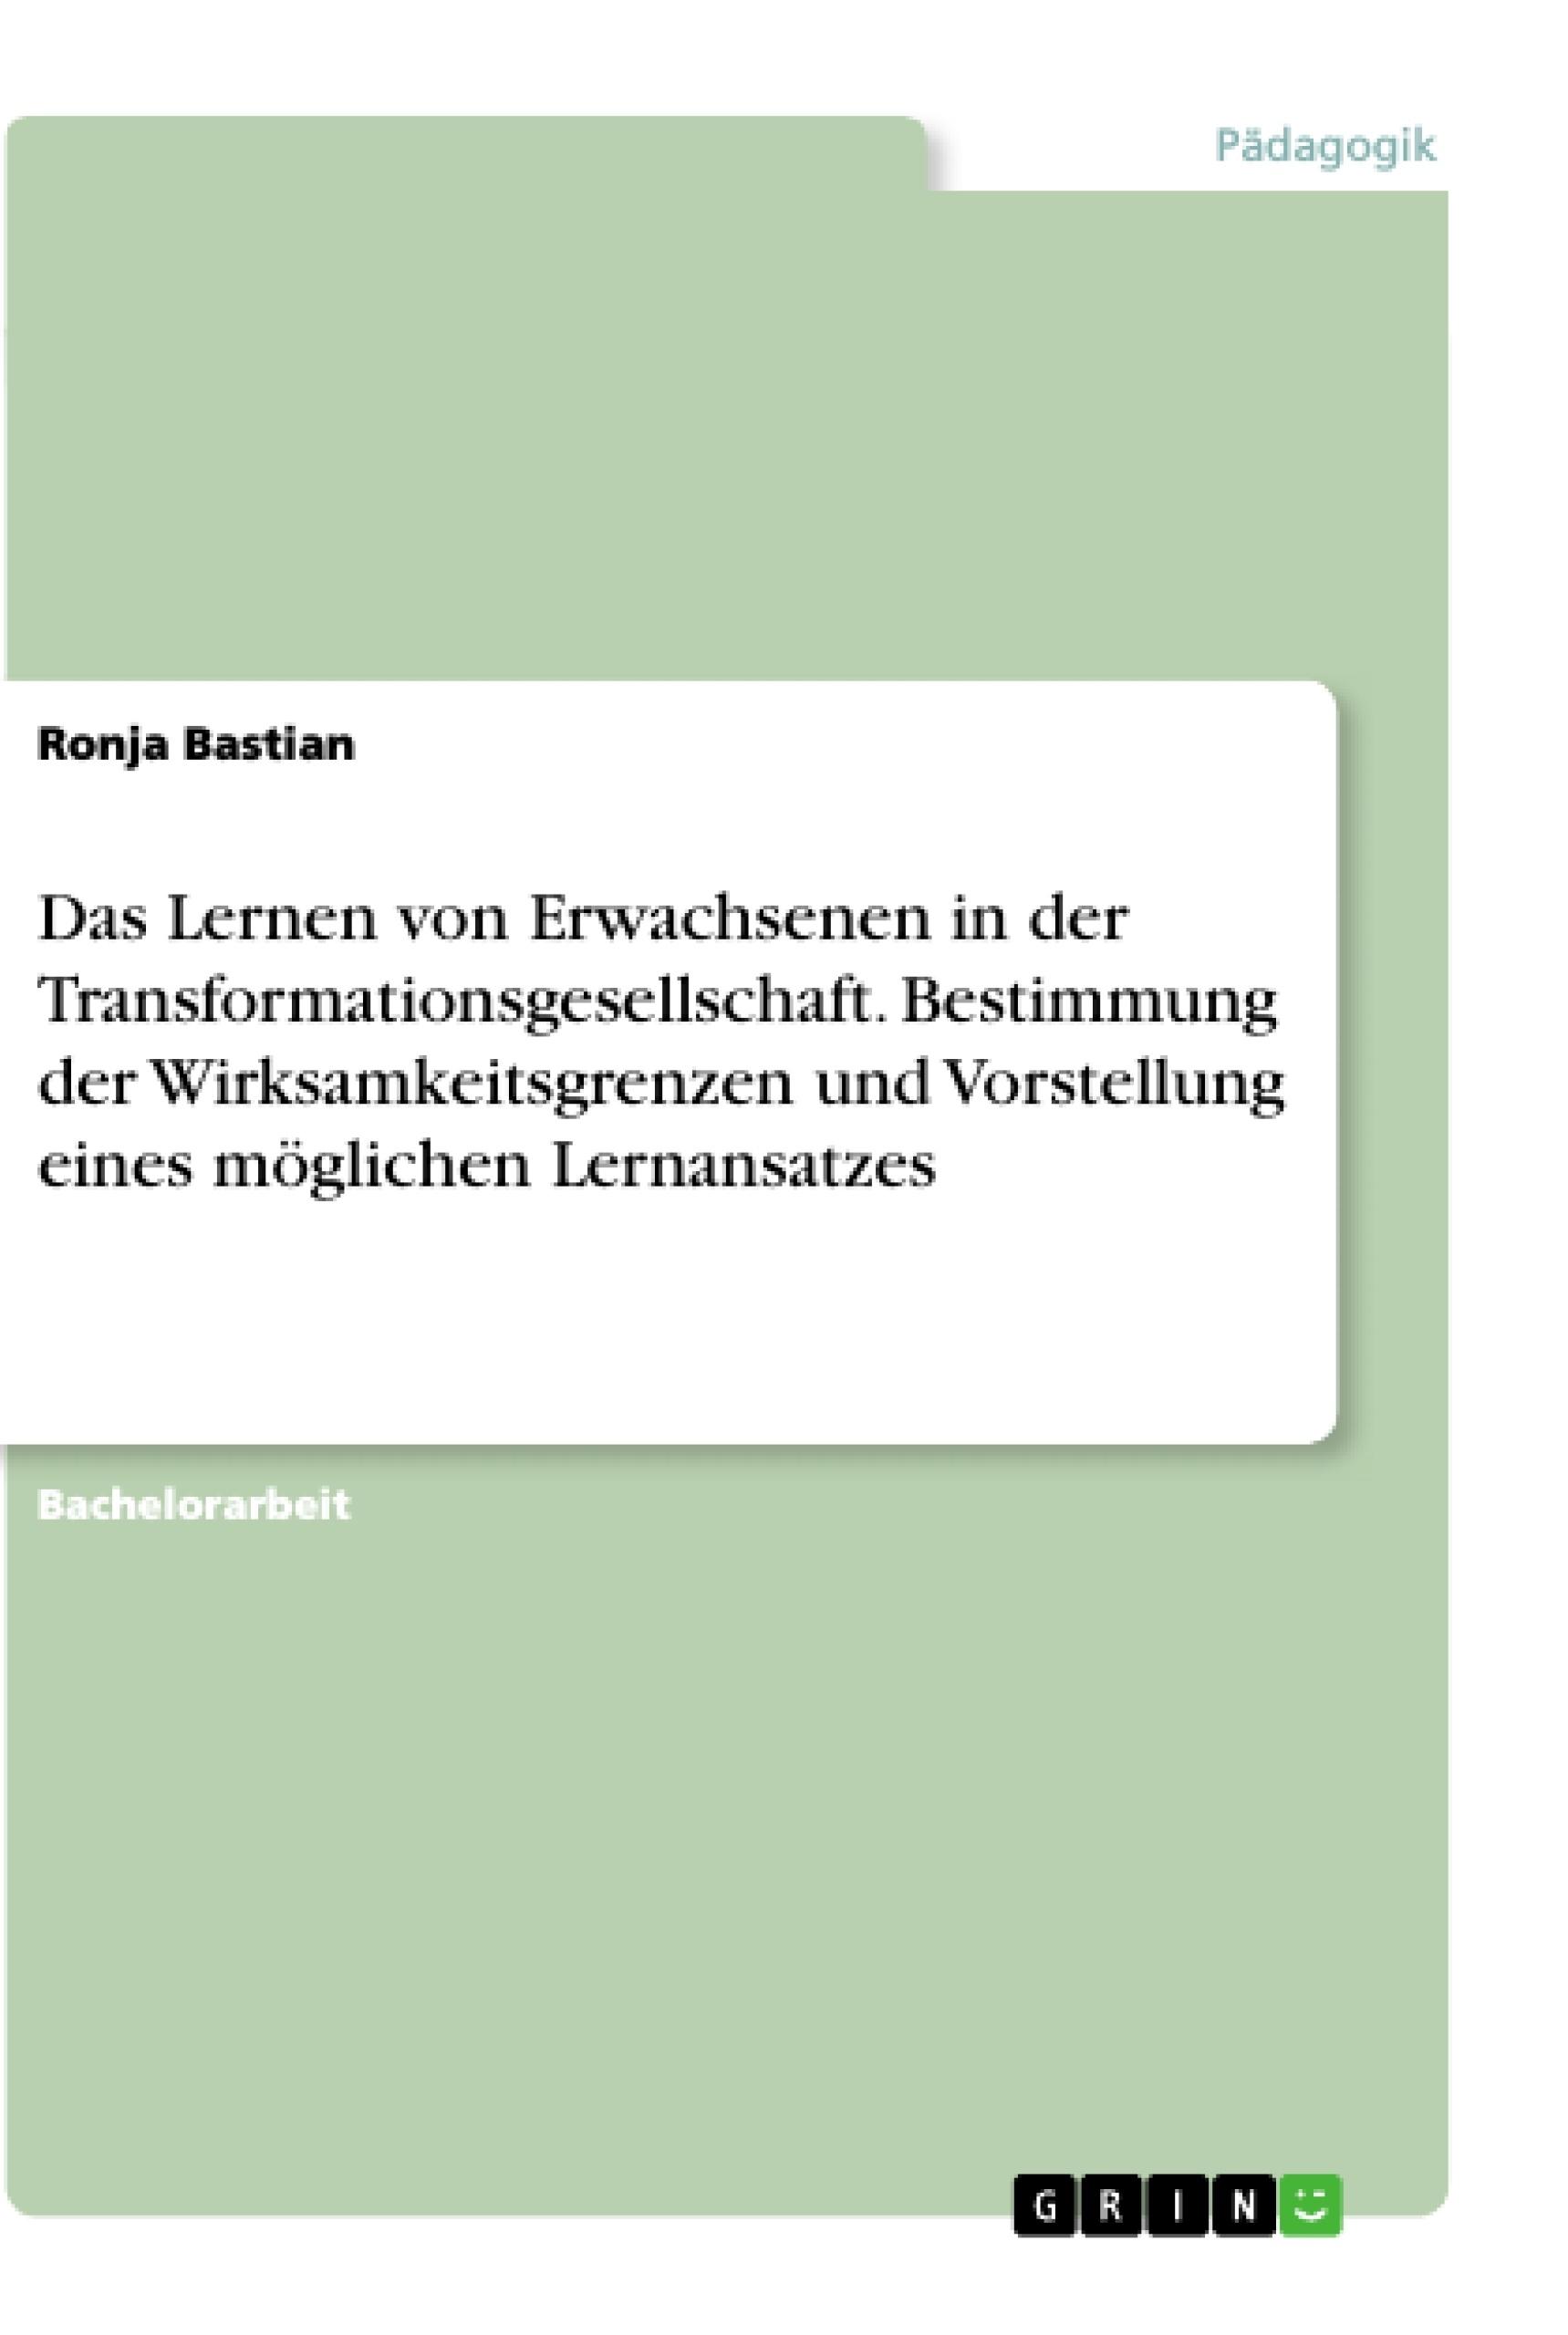 Titel: Das Lernen von Erwachsenen in der Transformationsgesellschaft. Bestimmung der Wirksamkeitsgrenzen und Vorstellung eines möglichen Lernansatzes